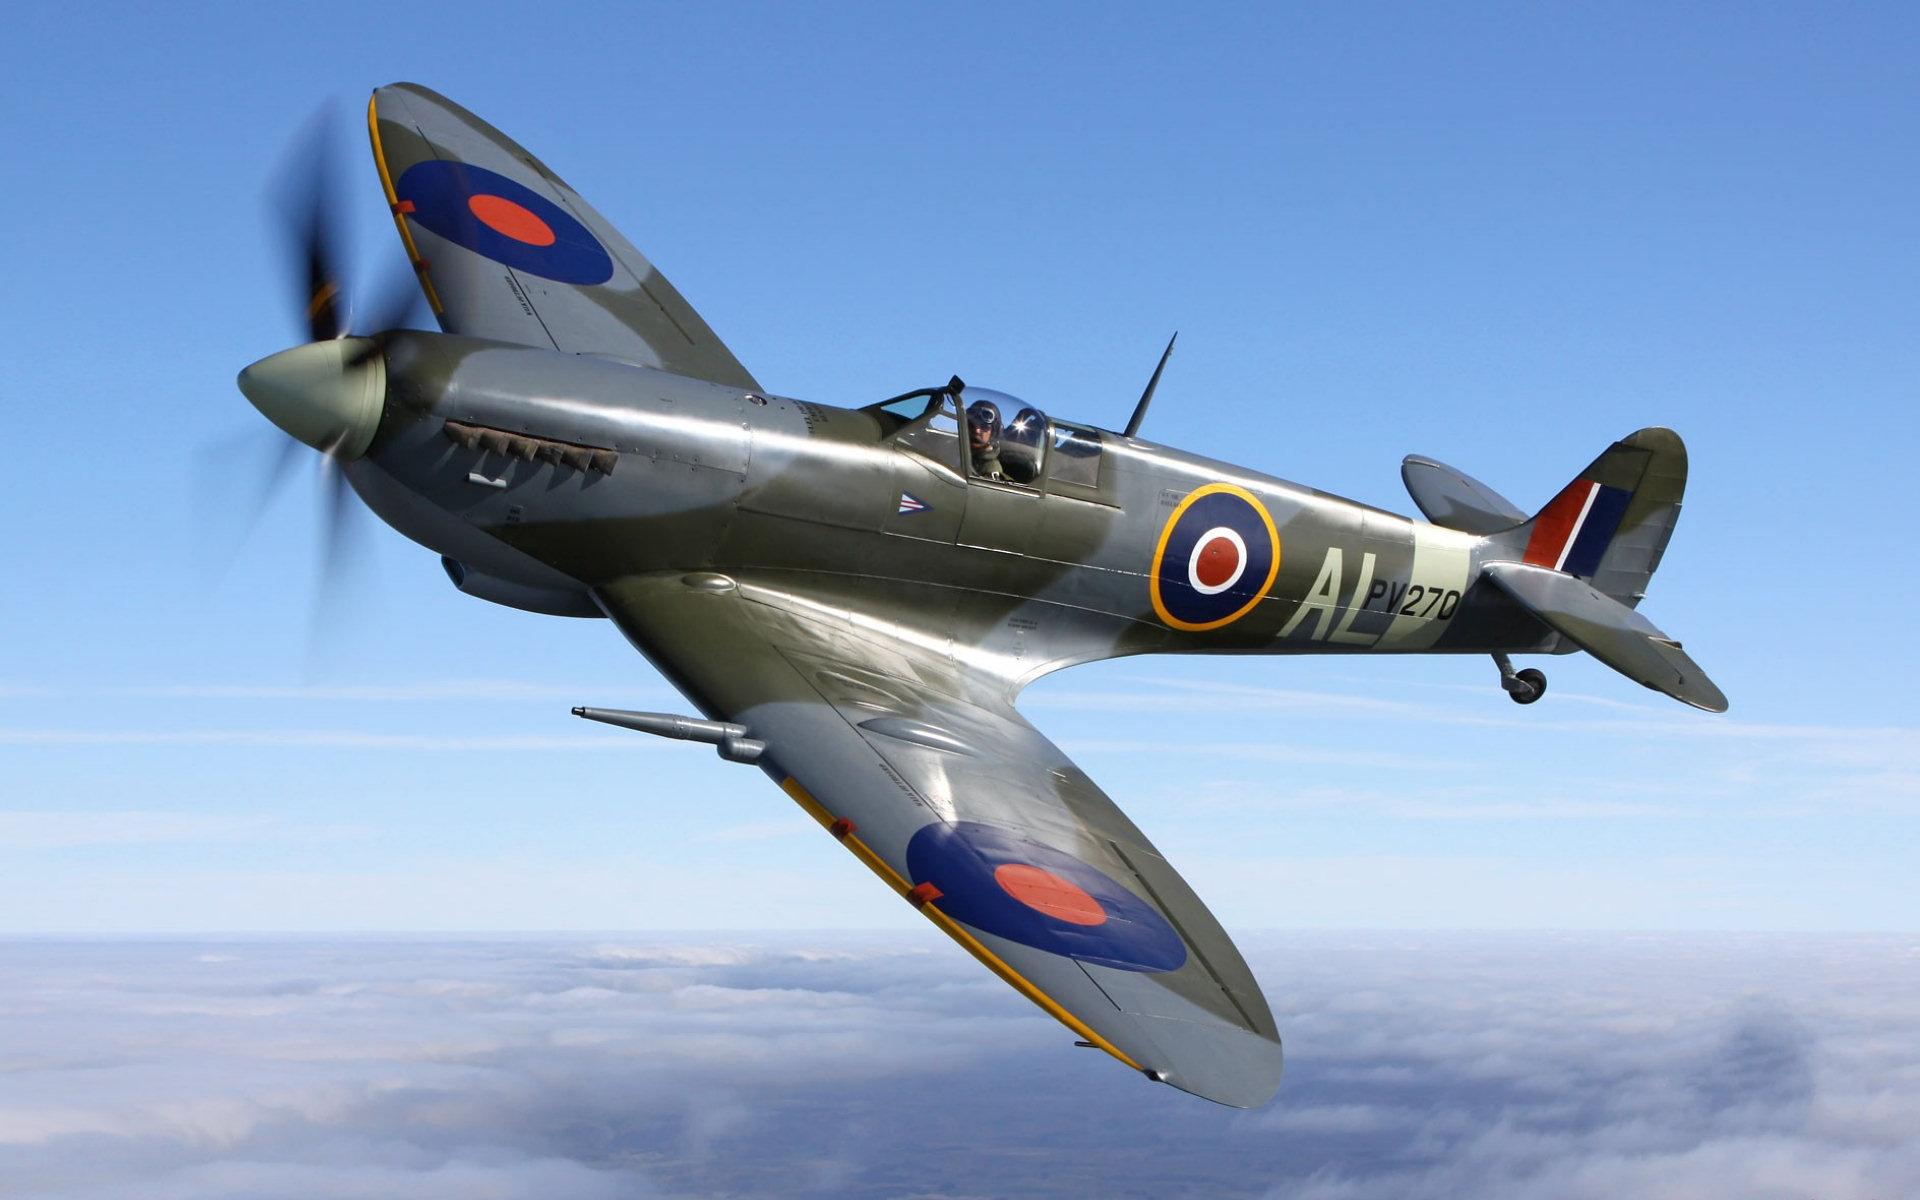 Military   Aircraft Spitfire Wallpaper 1920x1200